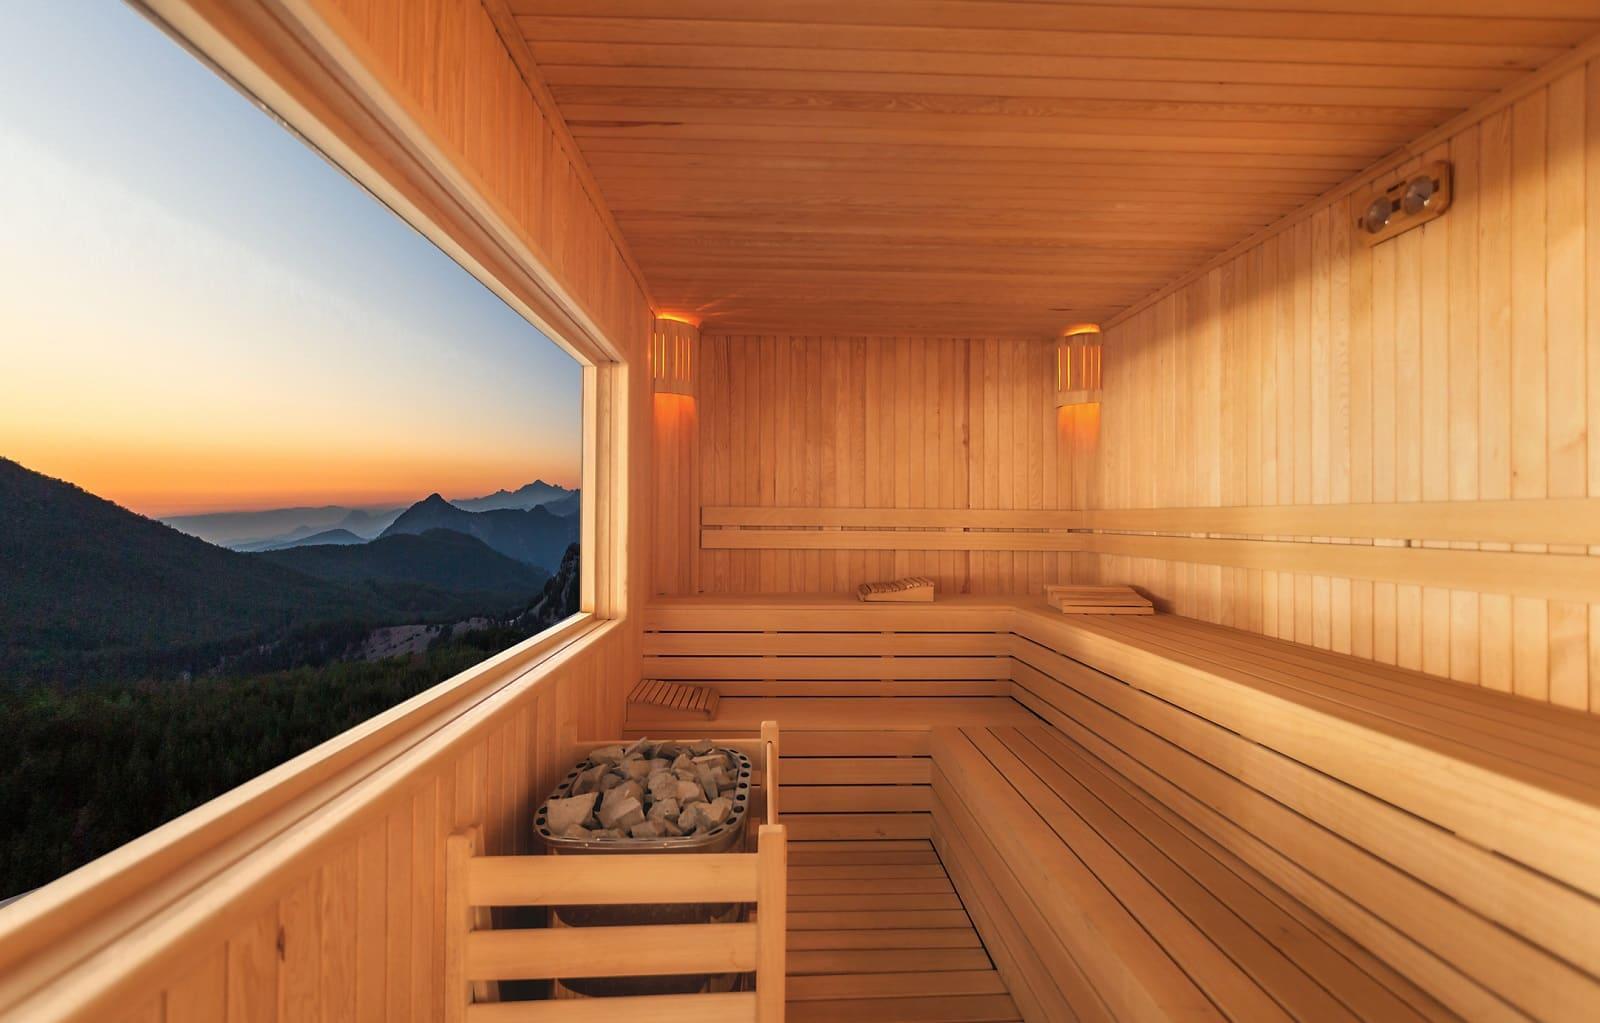 Koszty i przeciwwskazania korzystania z sauny